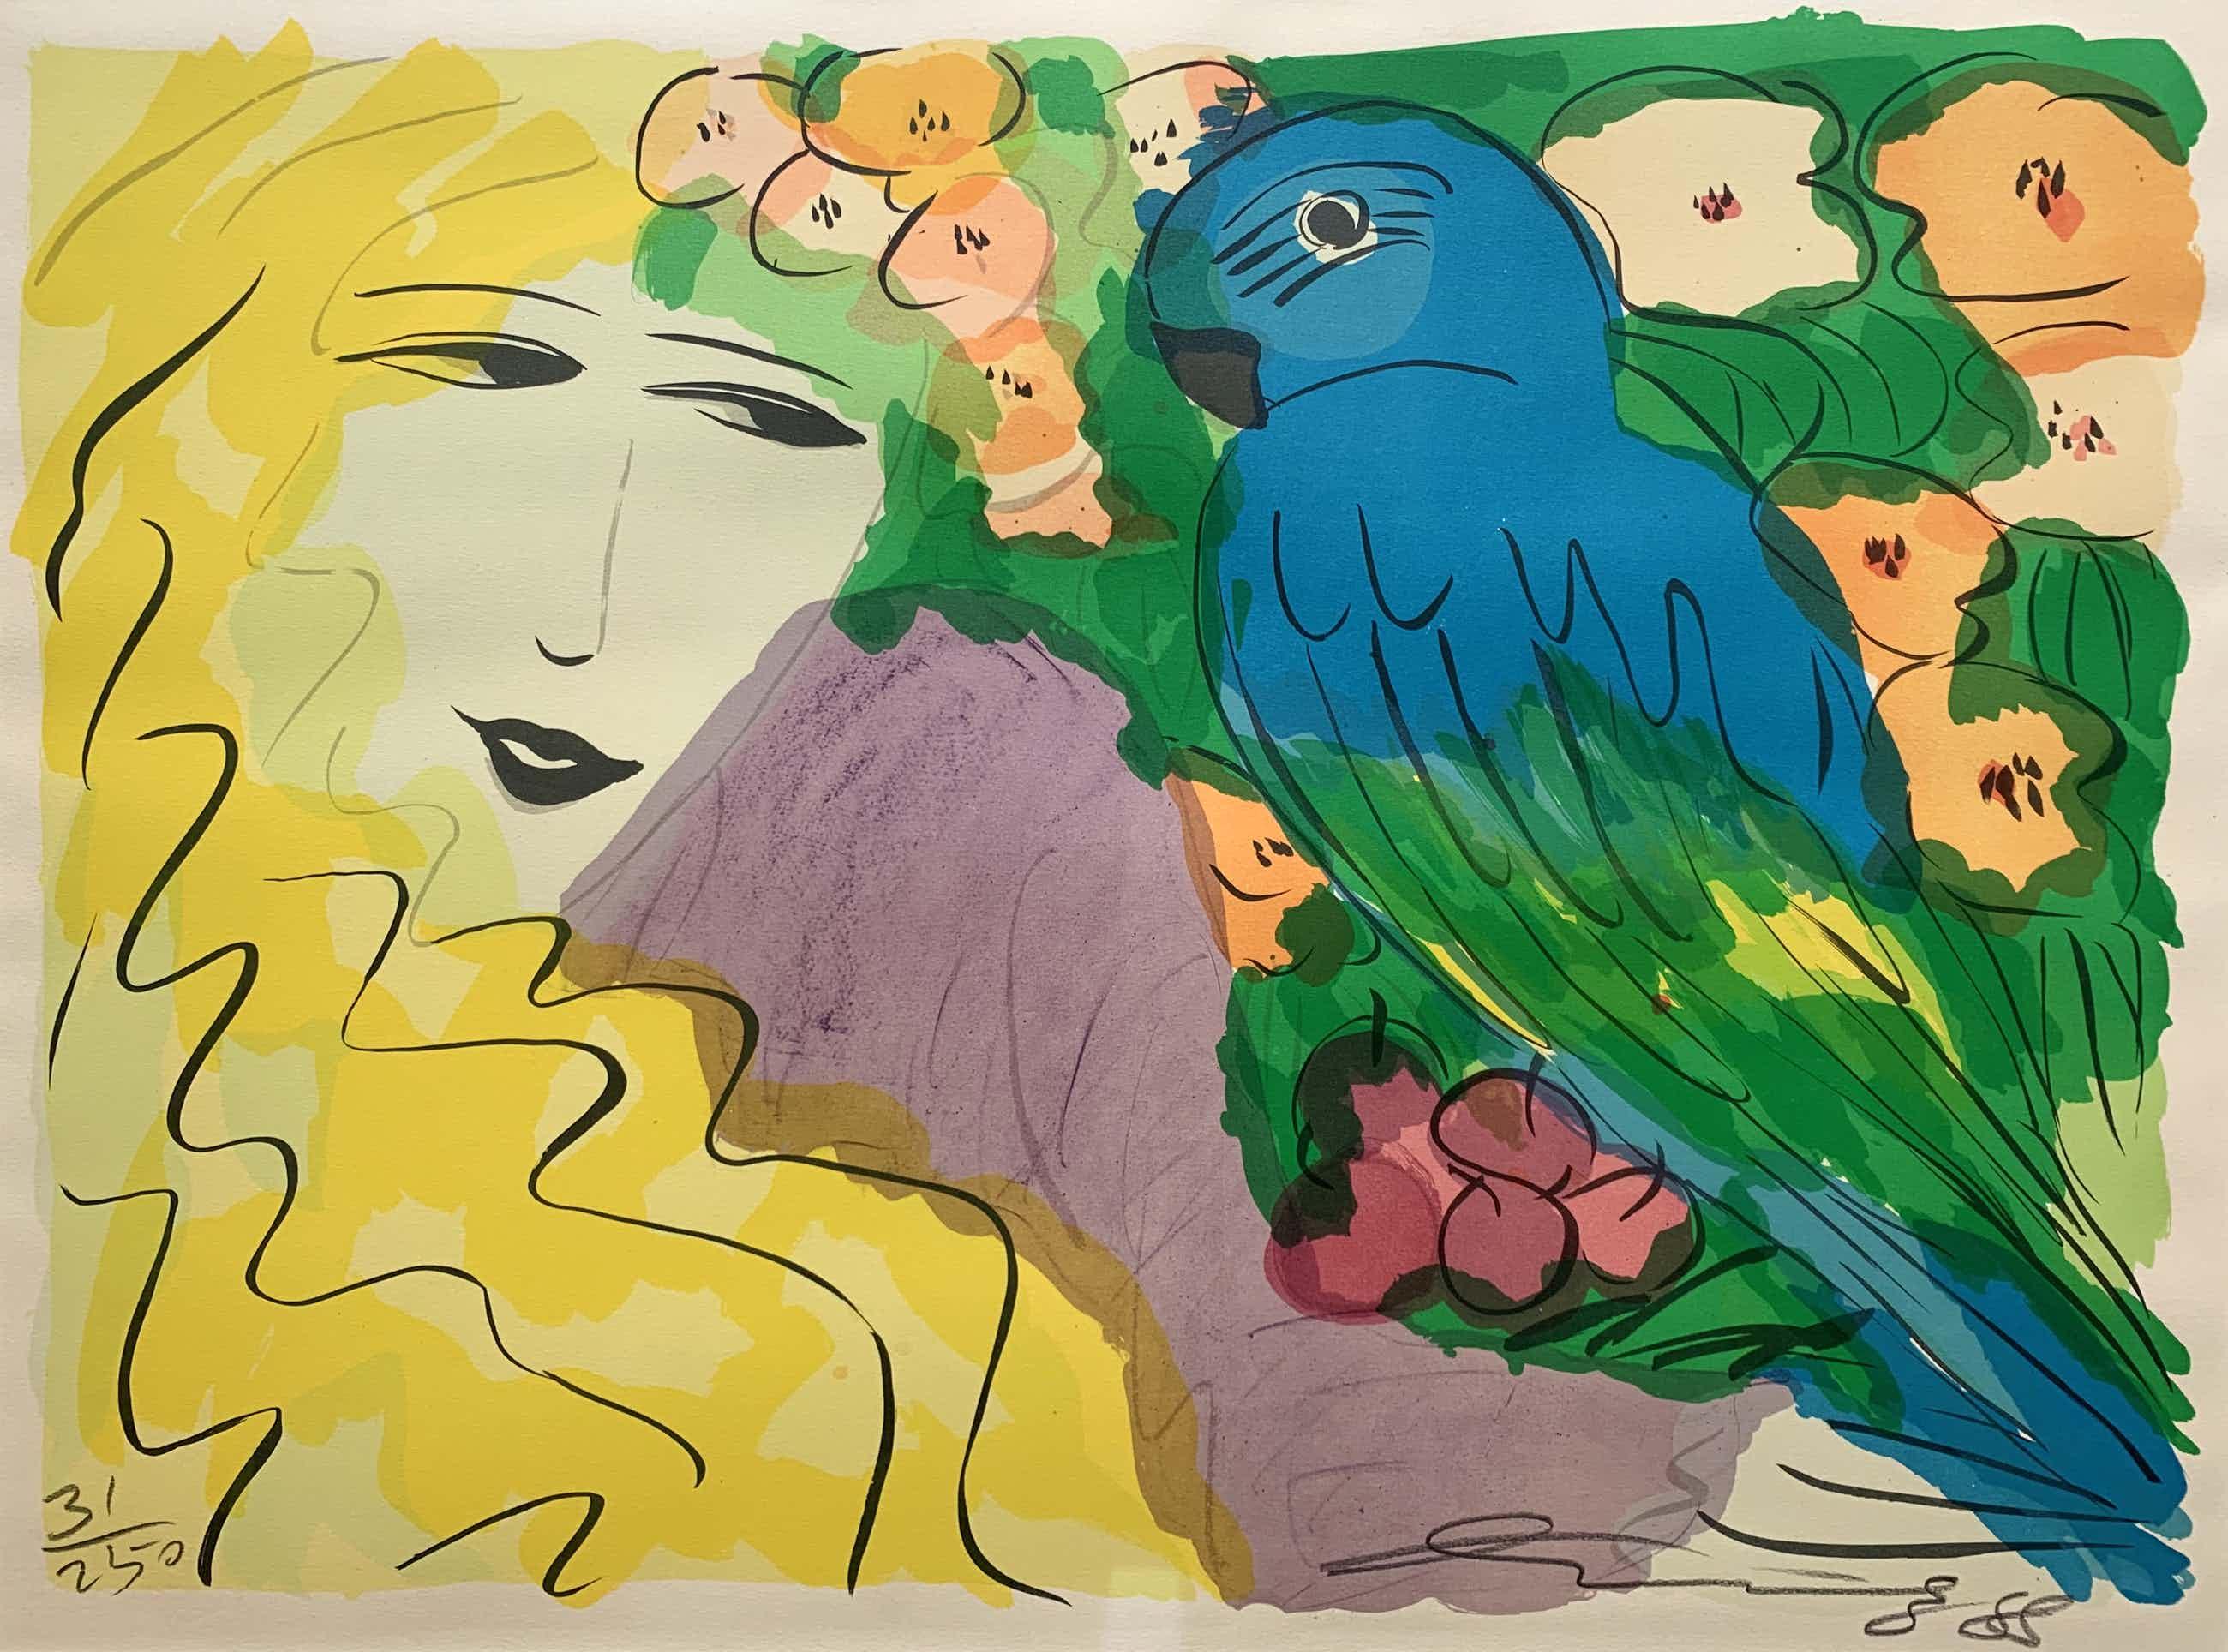 Walasse Ting - kleurenlitho - 'Venus and ara' - 1988 kopen? Bied vanaf 500!